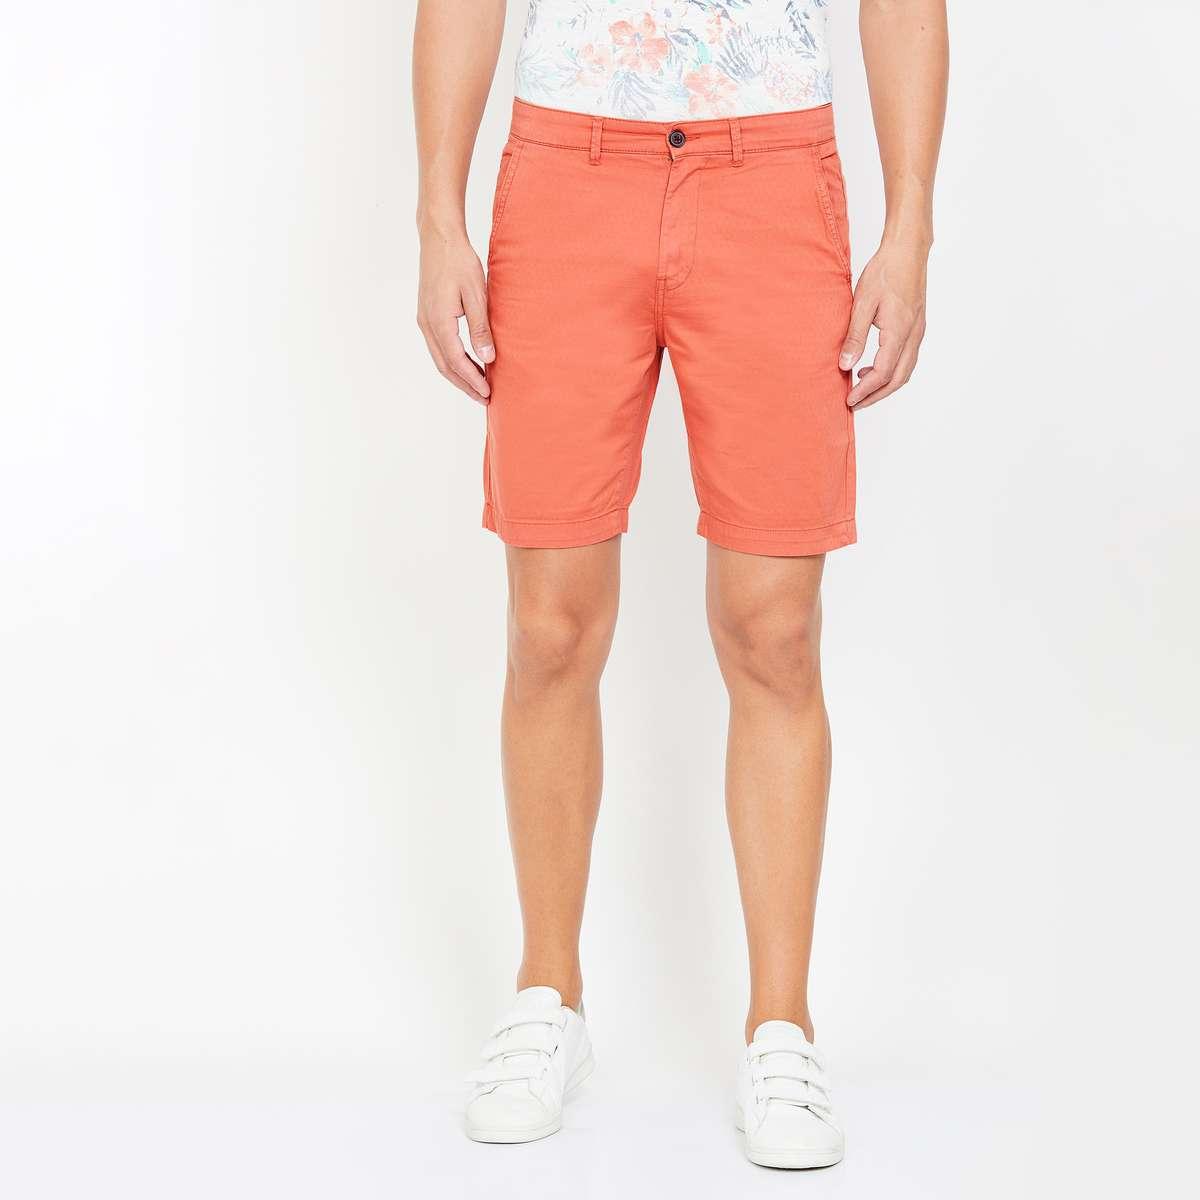 FAME FOREVER Men Solid Regular Fit City Shorts